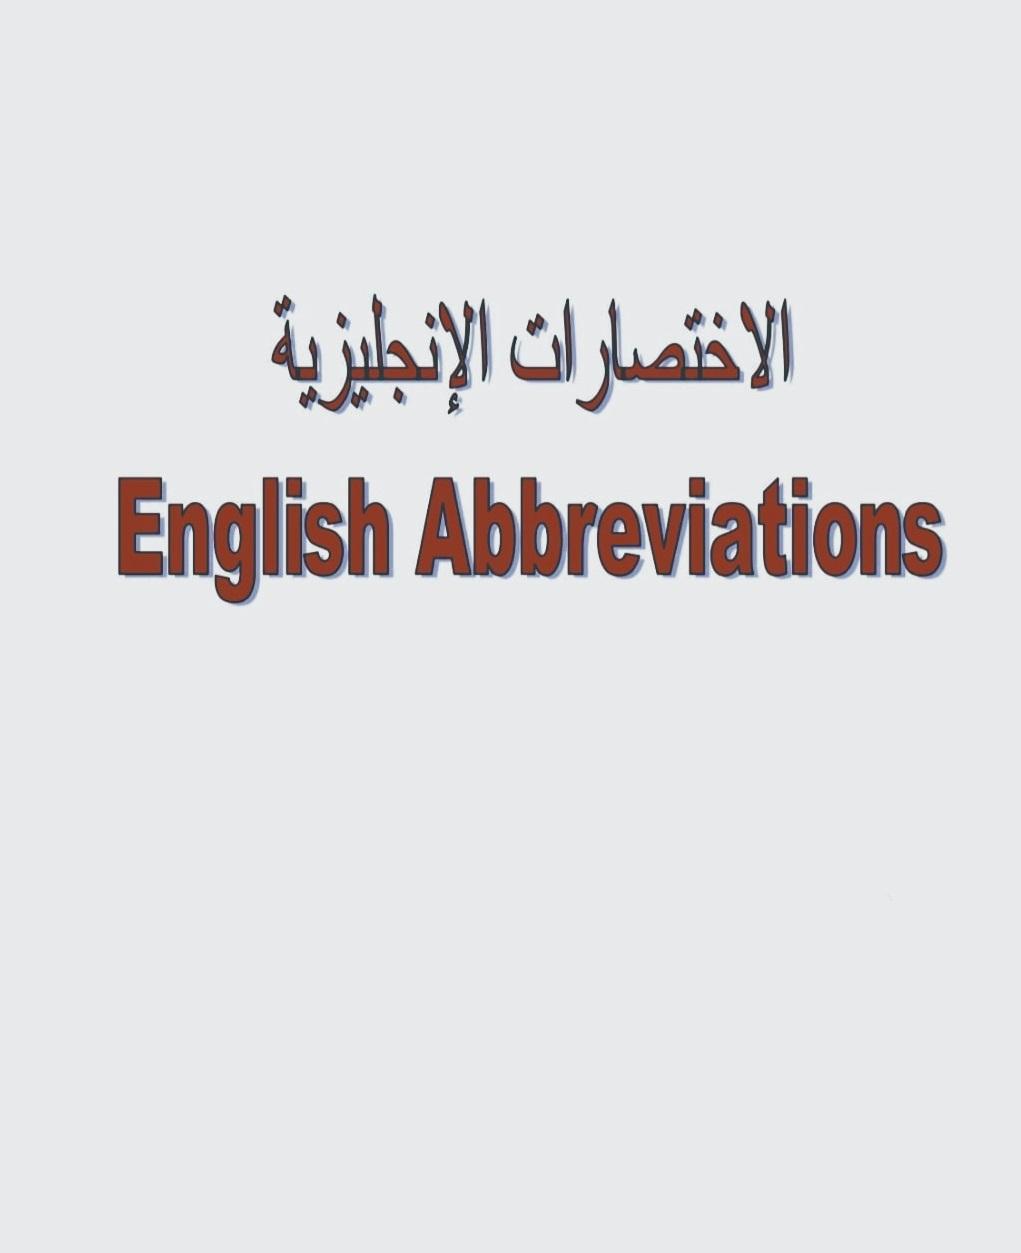 تحميل كتيب الإختصارات الإنجليزية 12450